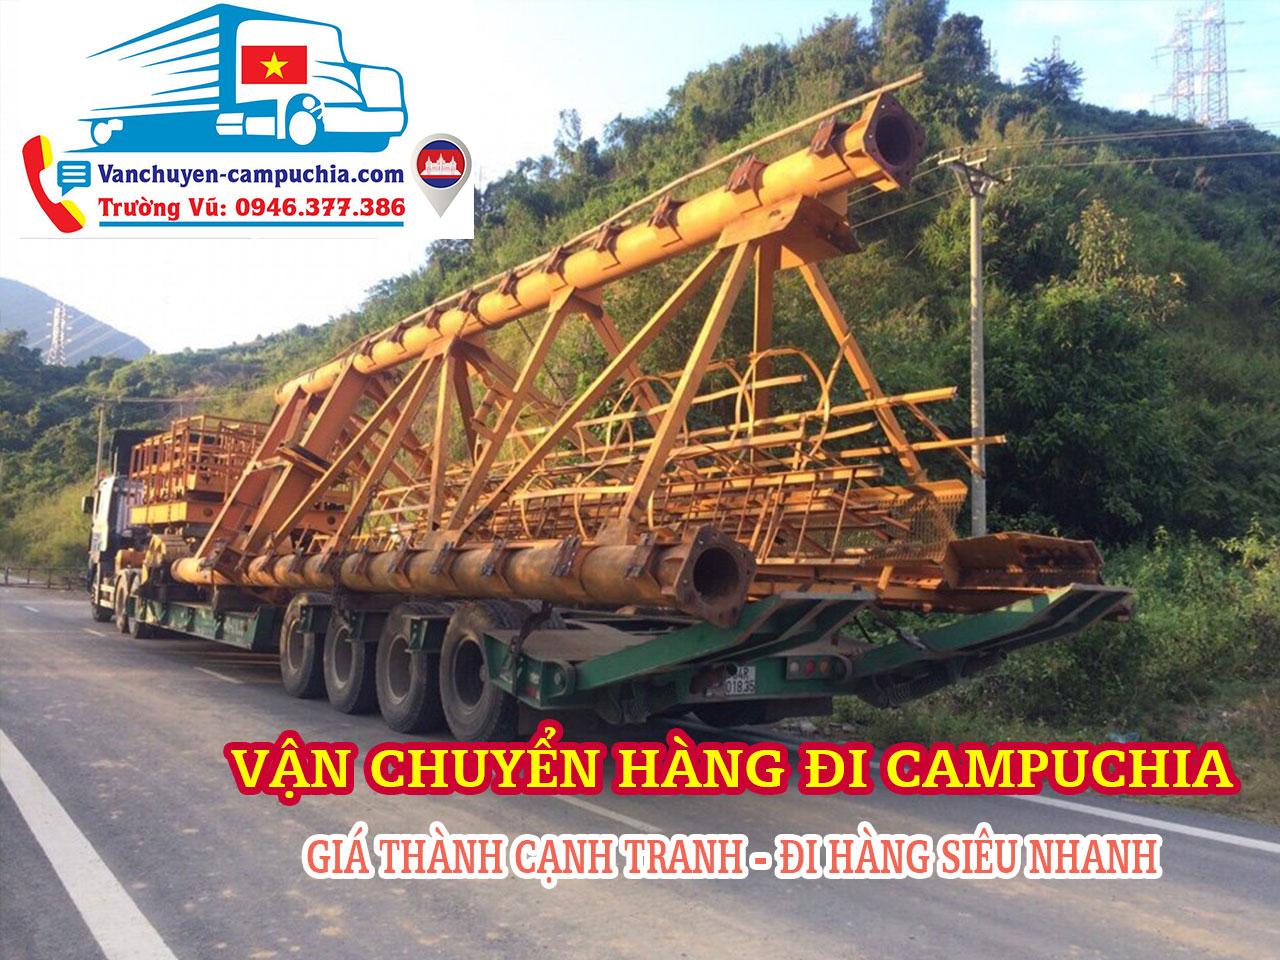 Vận chuyển hàng từ Campuchia về Việt Nam | Covid-19